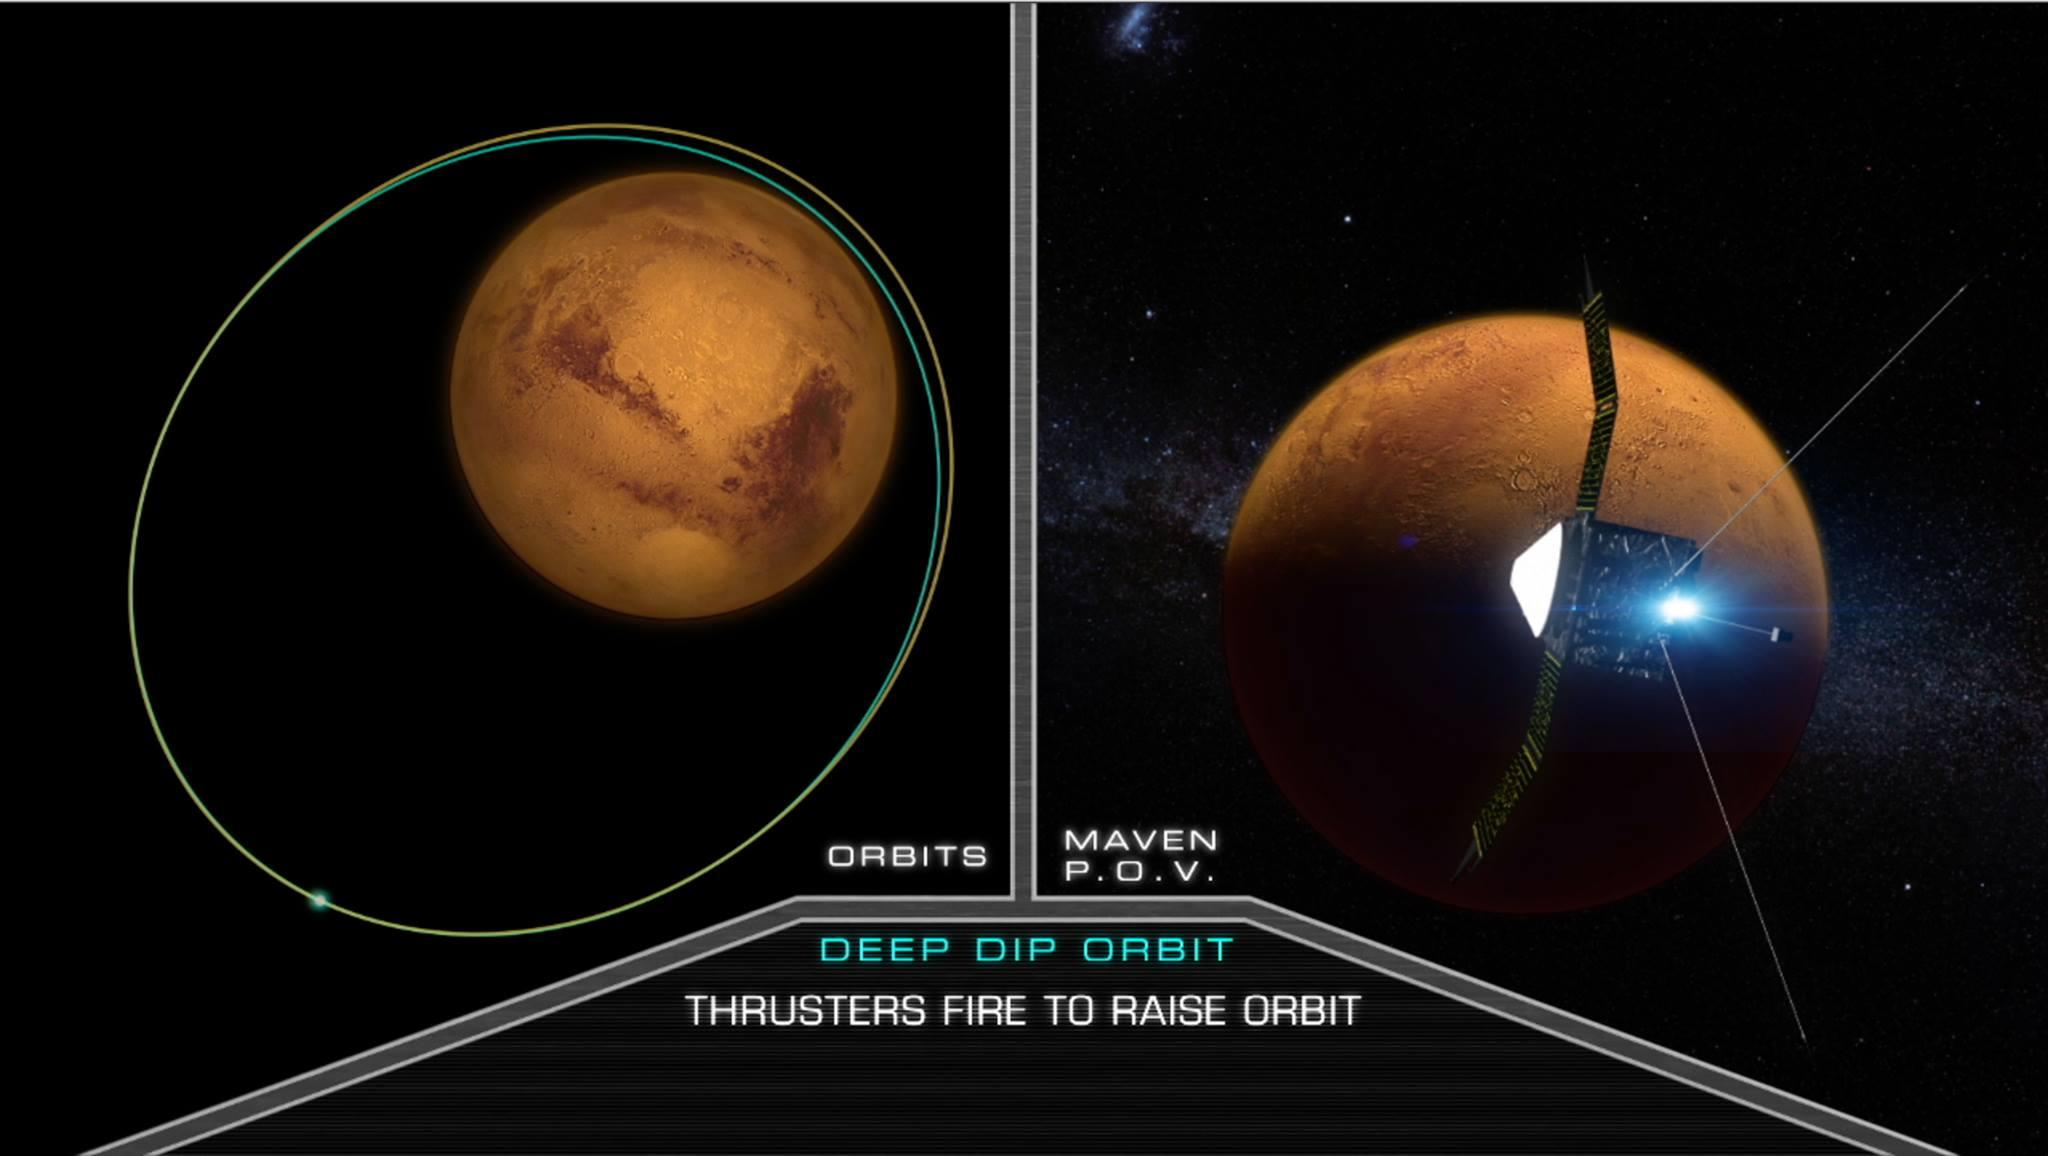 MAVEN Completes 4th Deep Dip Campaign. (Image credit: NASA Goddard)